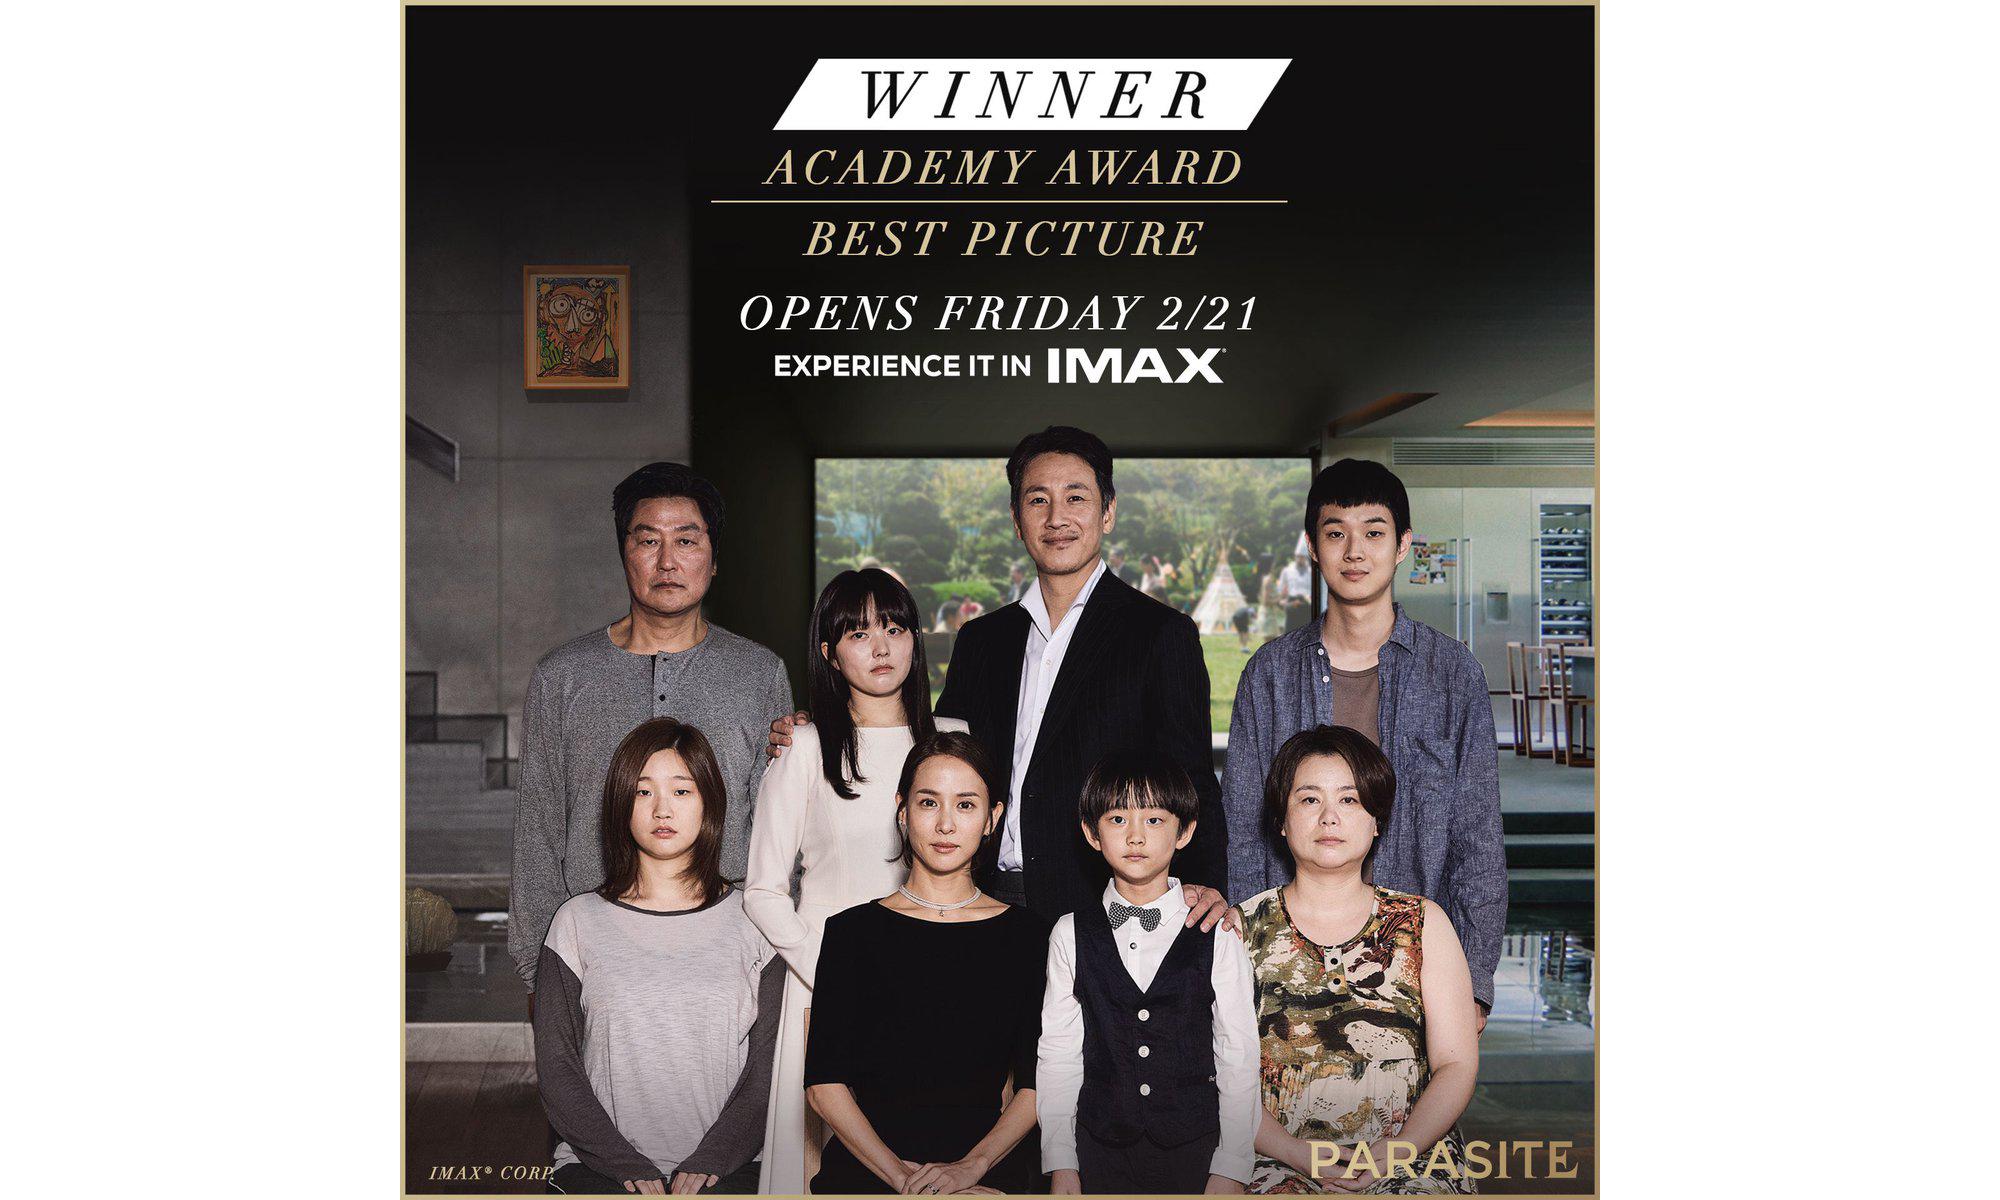 奥斯卡大赢家《寄生虫》将迎来 IMAX 重制上映